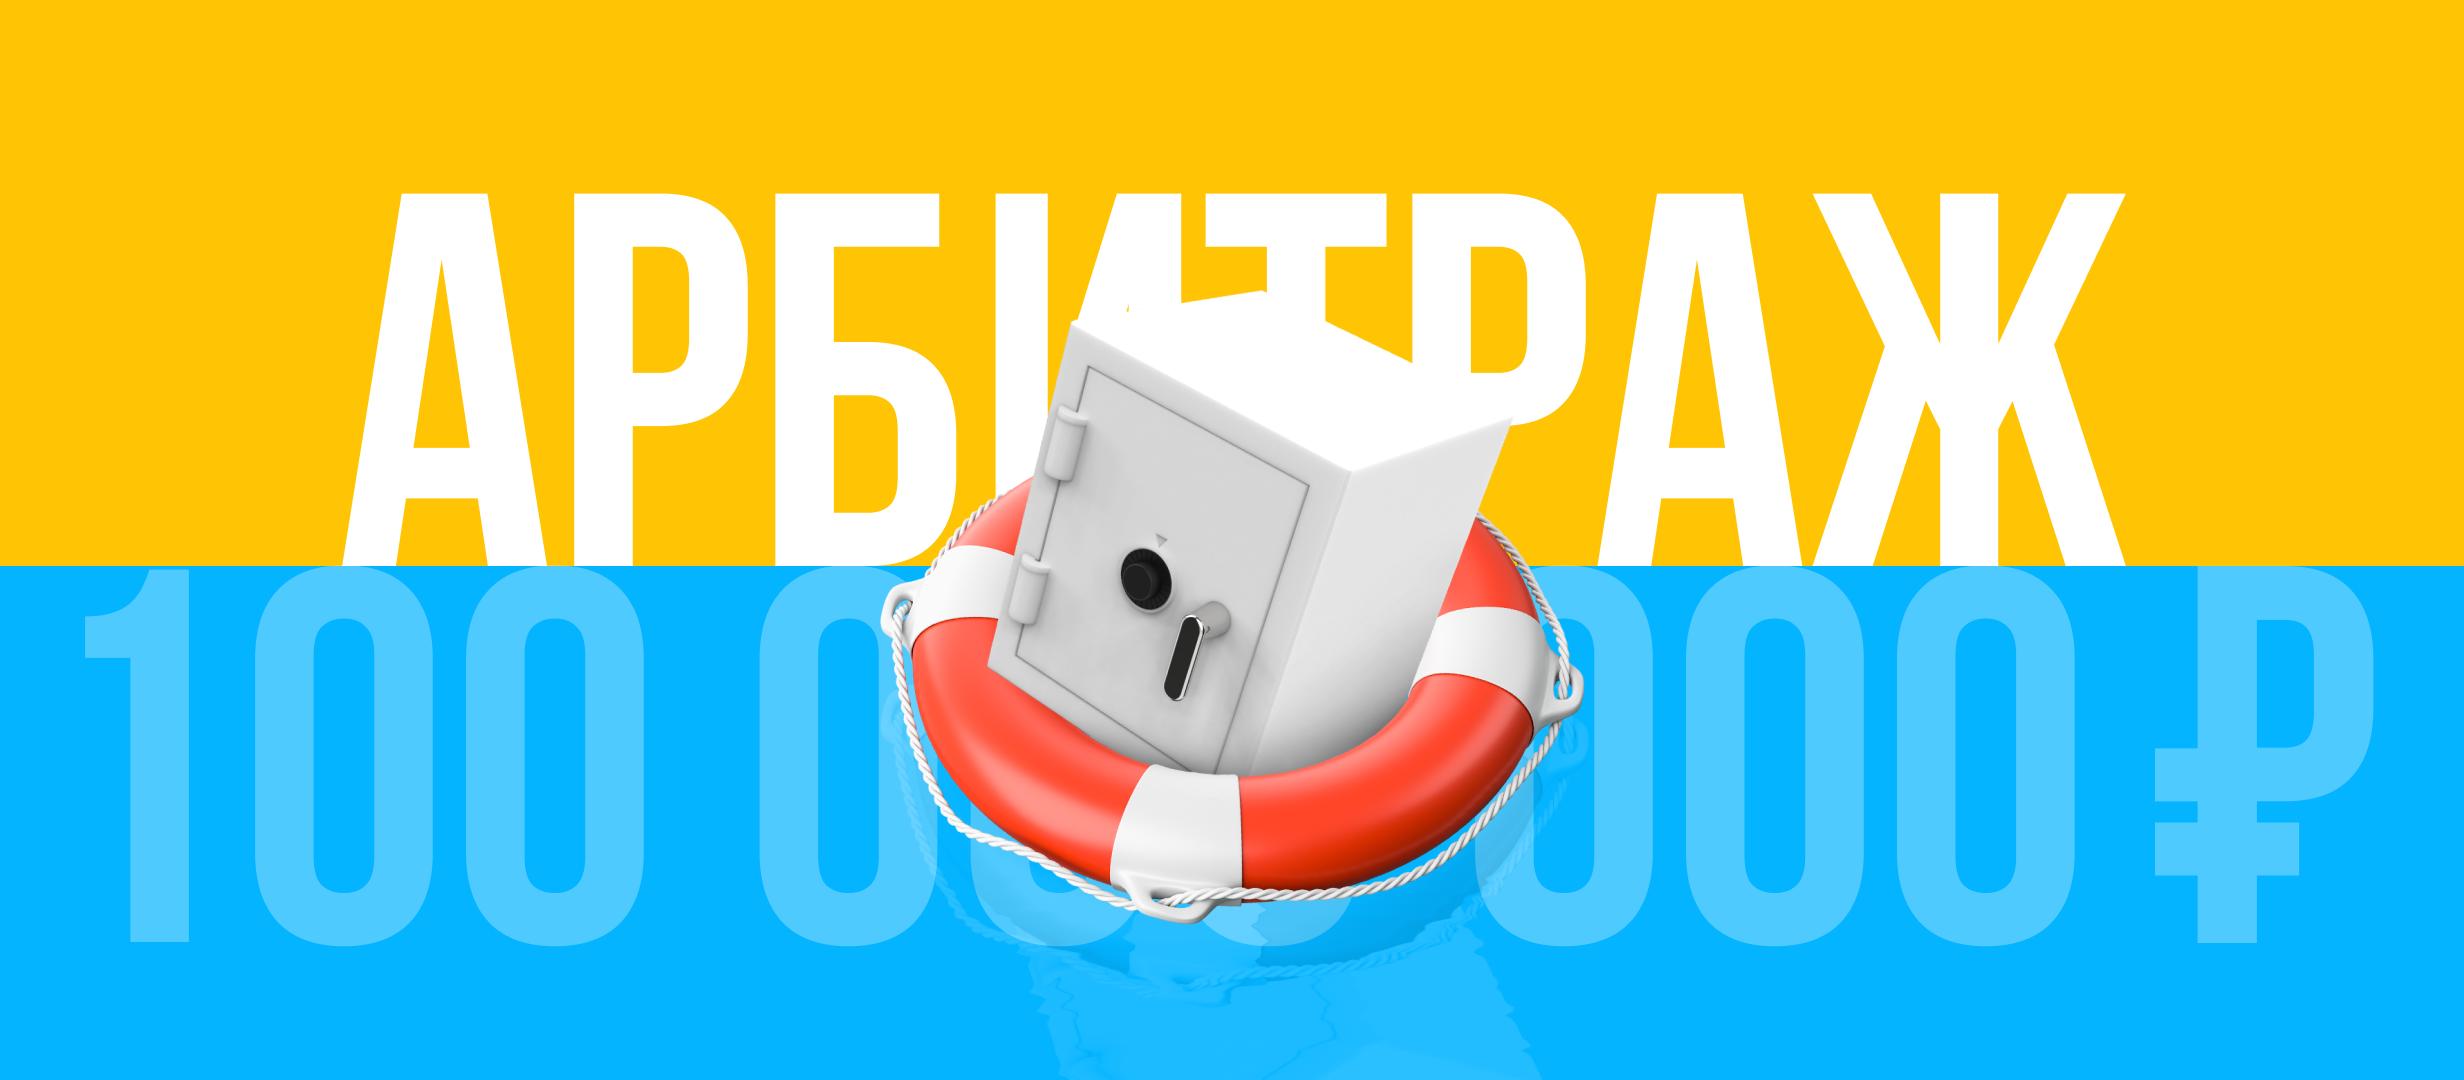 Арбитраж Legalbet.ru помог российским игрокам вернуть свыше 100 миллионов рублей